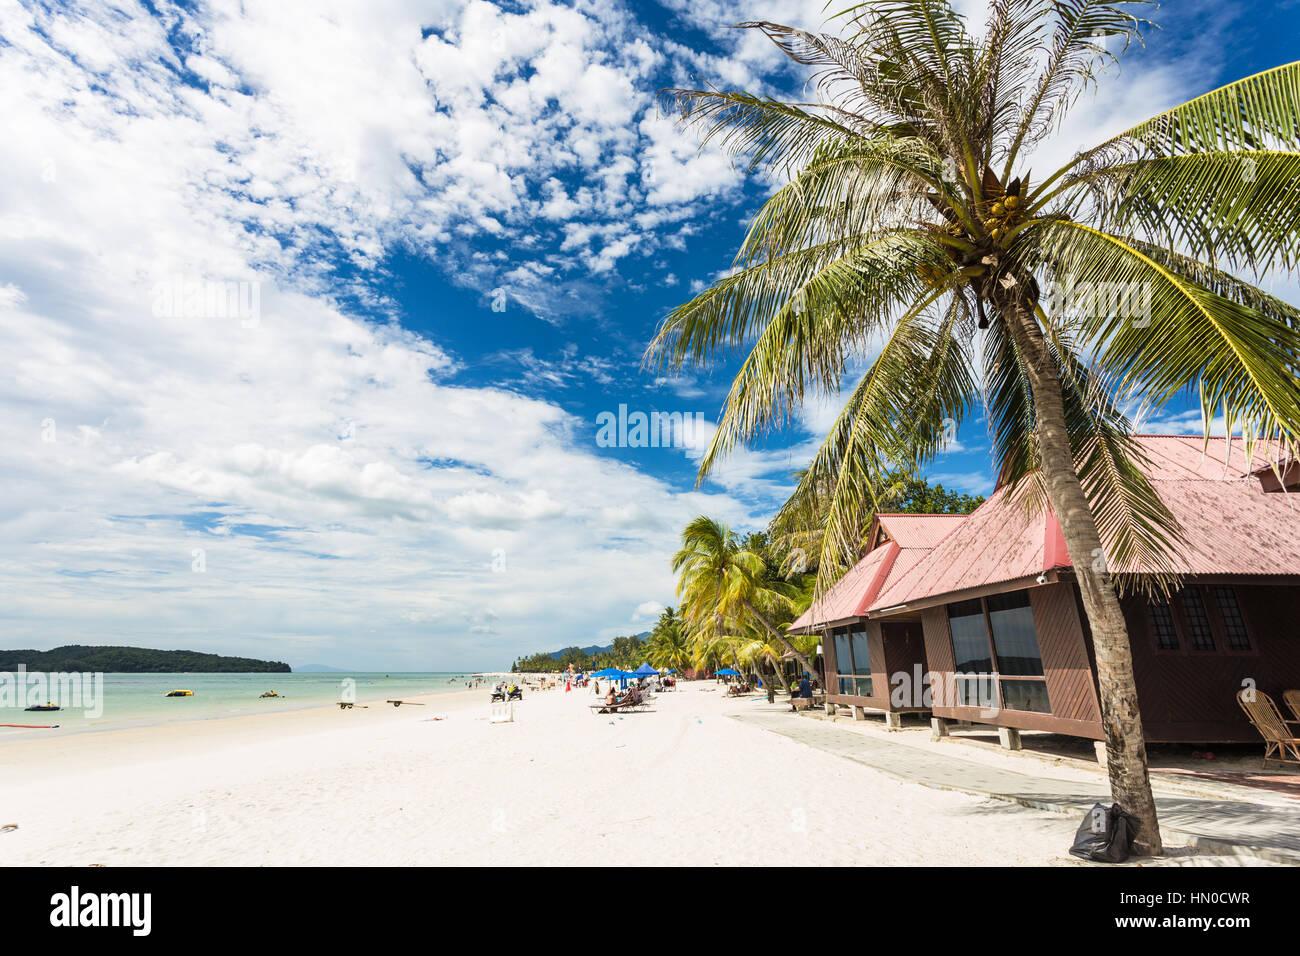 Palm Tree y bungalow en Pantai Cenang, la playa más popular en la isla de Langkawi, a lo largo del mar de Andamán Imagen De Stock